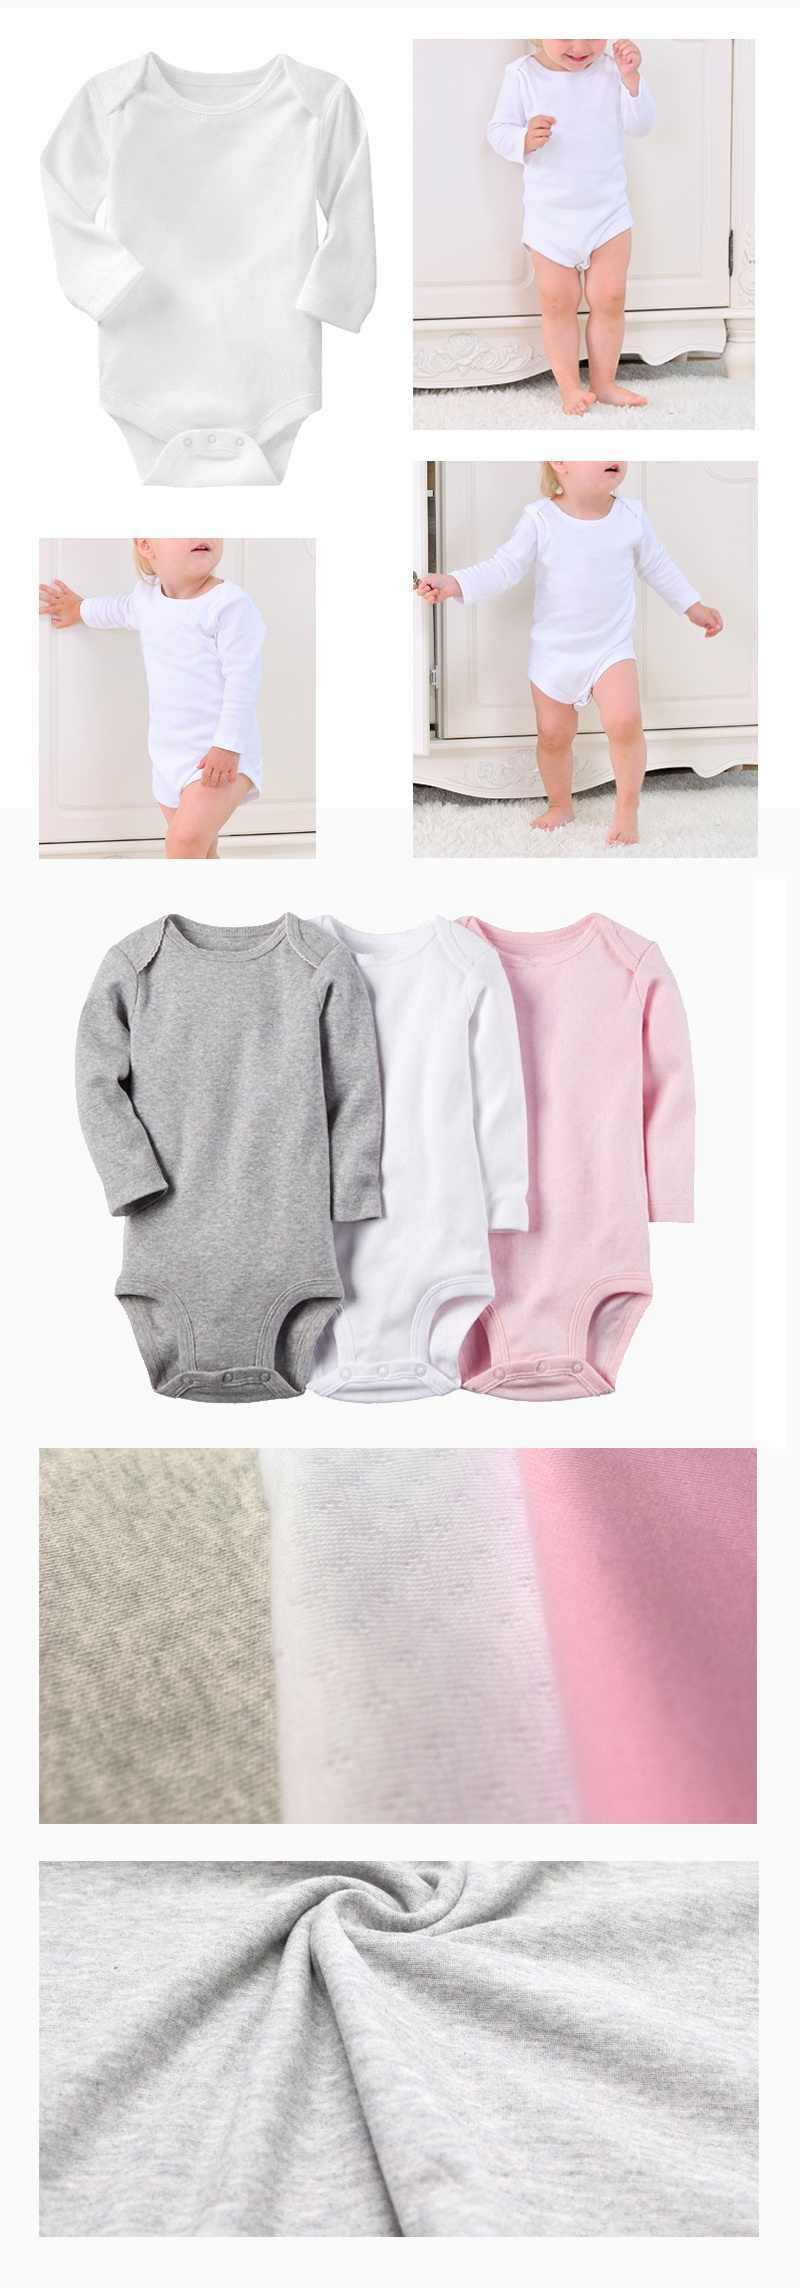 Козерога Овен, Телец Libra Capricorn дизайн новорожденных боди для малышей с длинными рукавами Onsies комбинезон хлопковая одежда